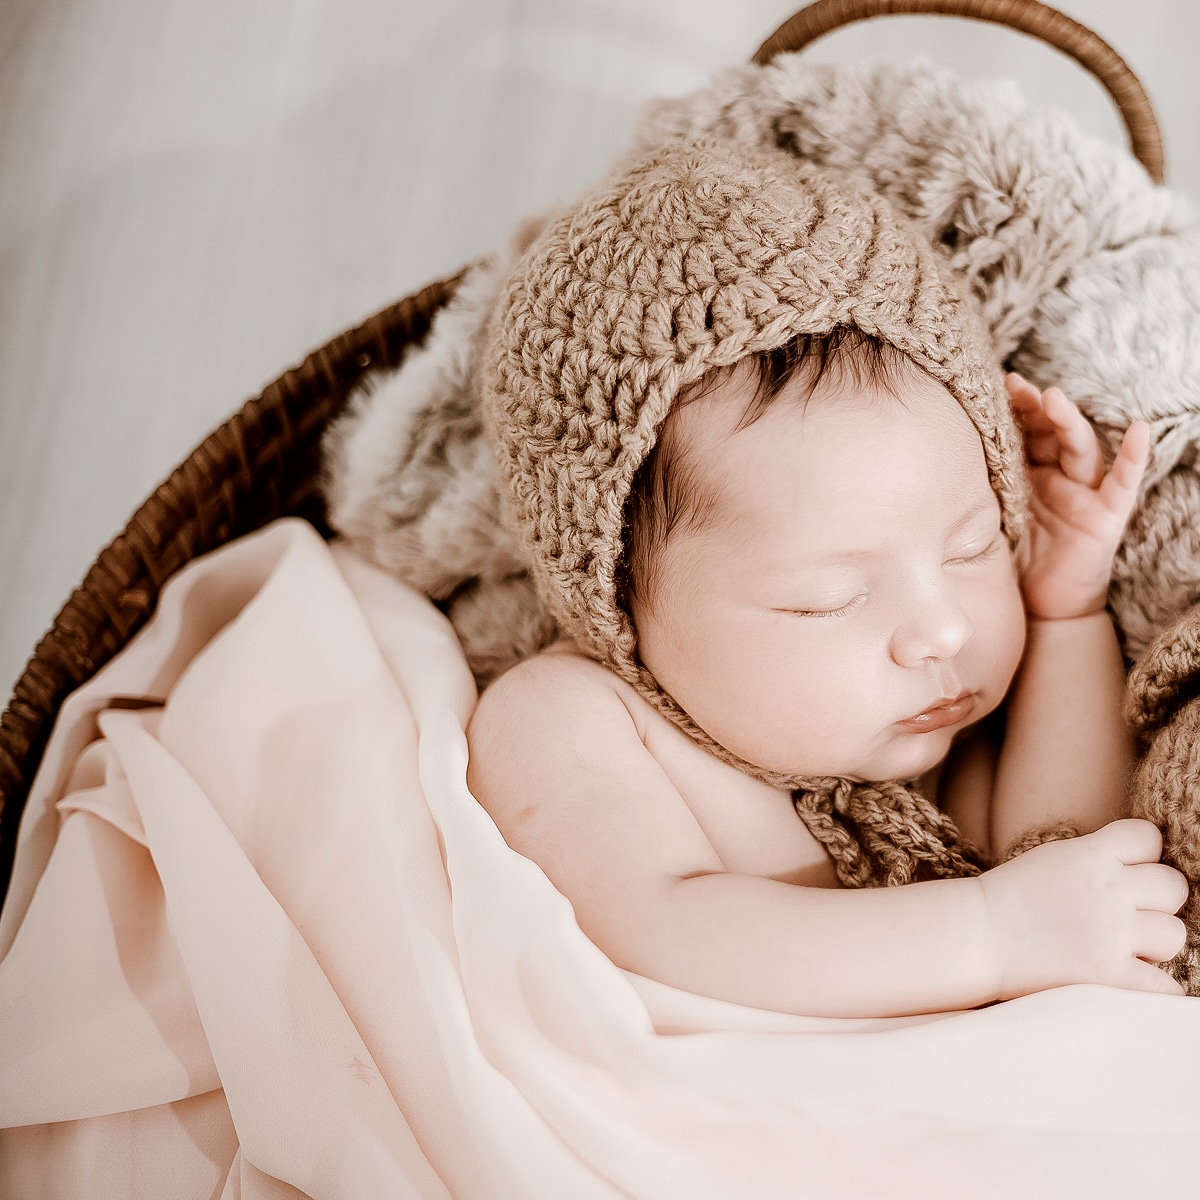 Newborn-Warm-Light-After-10